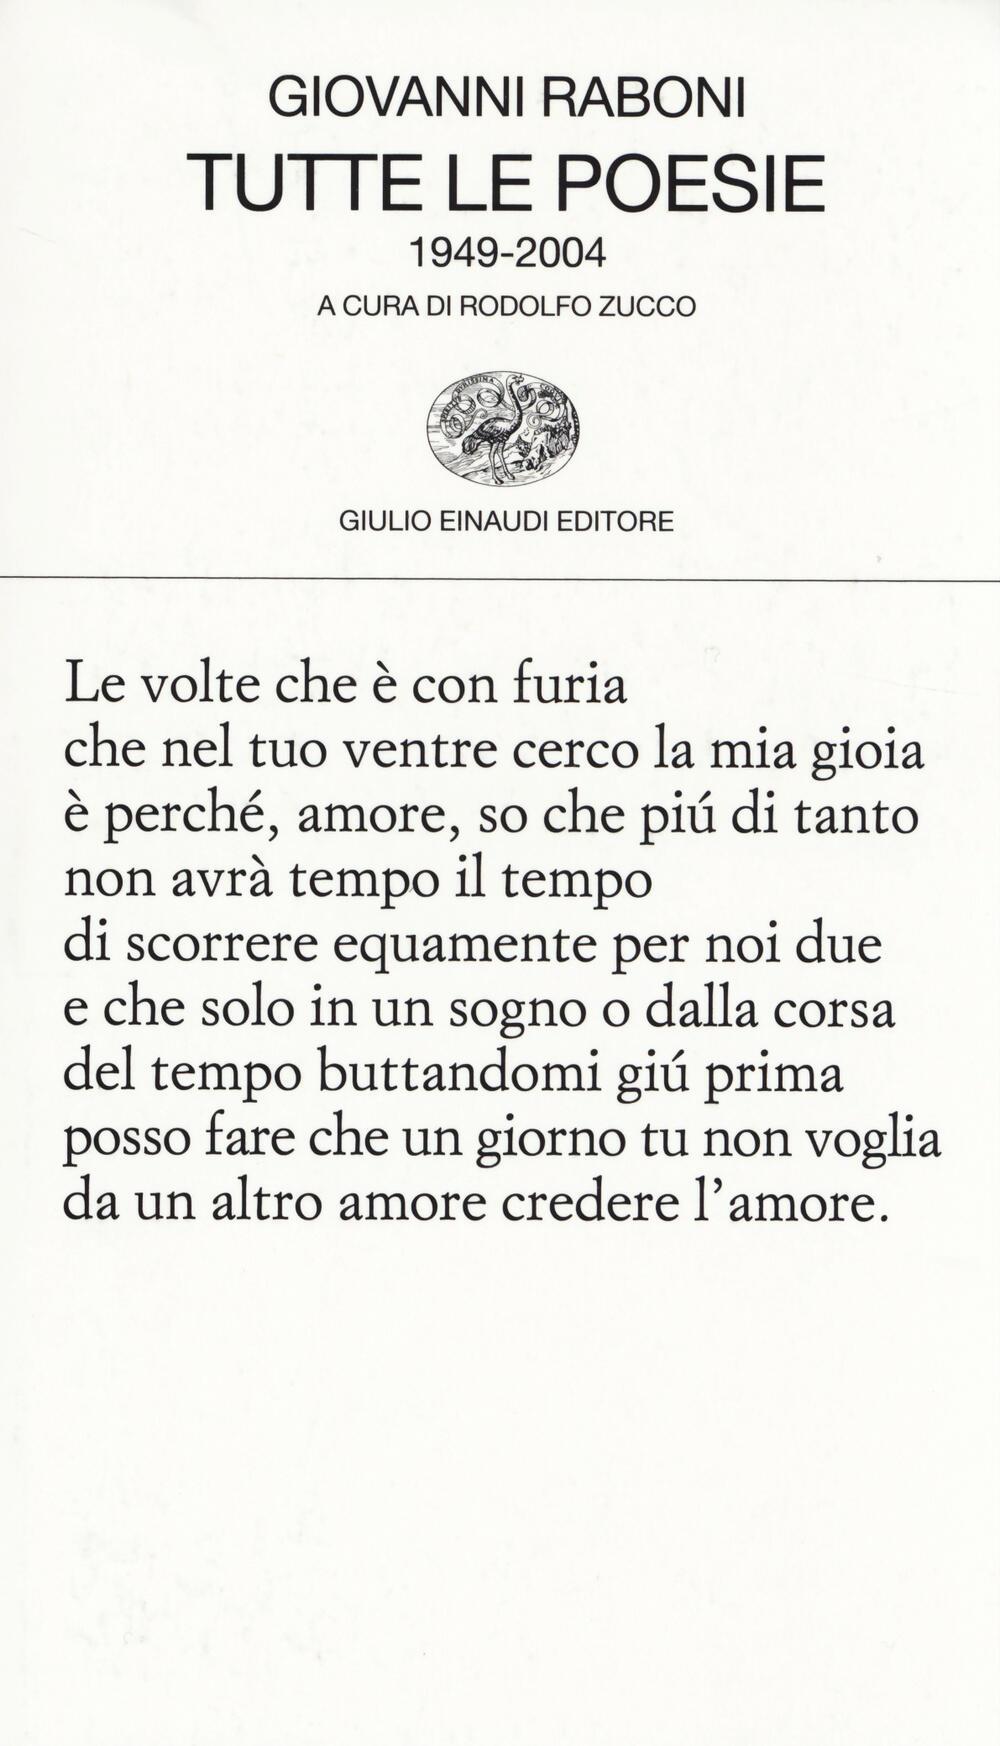 Popolare Tutte le poesie (1949-2004) - Giovanni Raboni - Libro - Einaudi  XW79